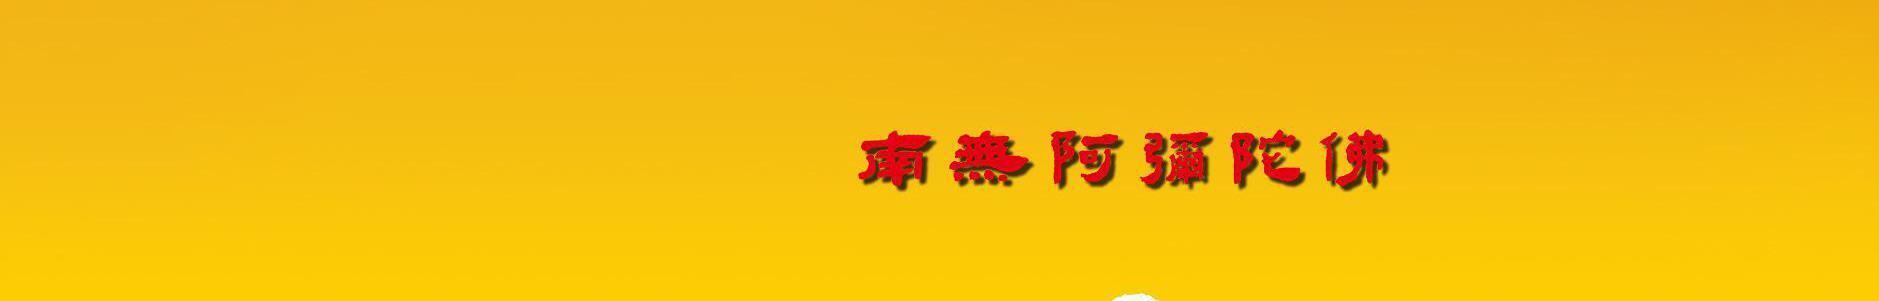 xfyfzfj banner